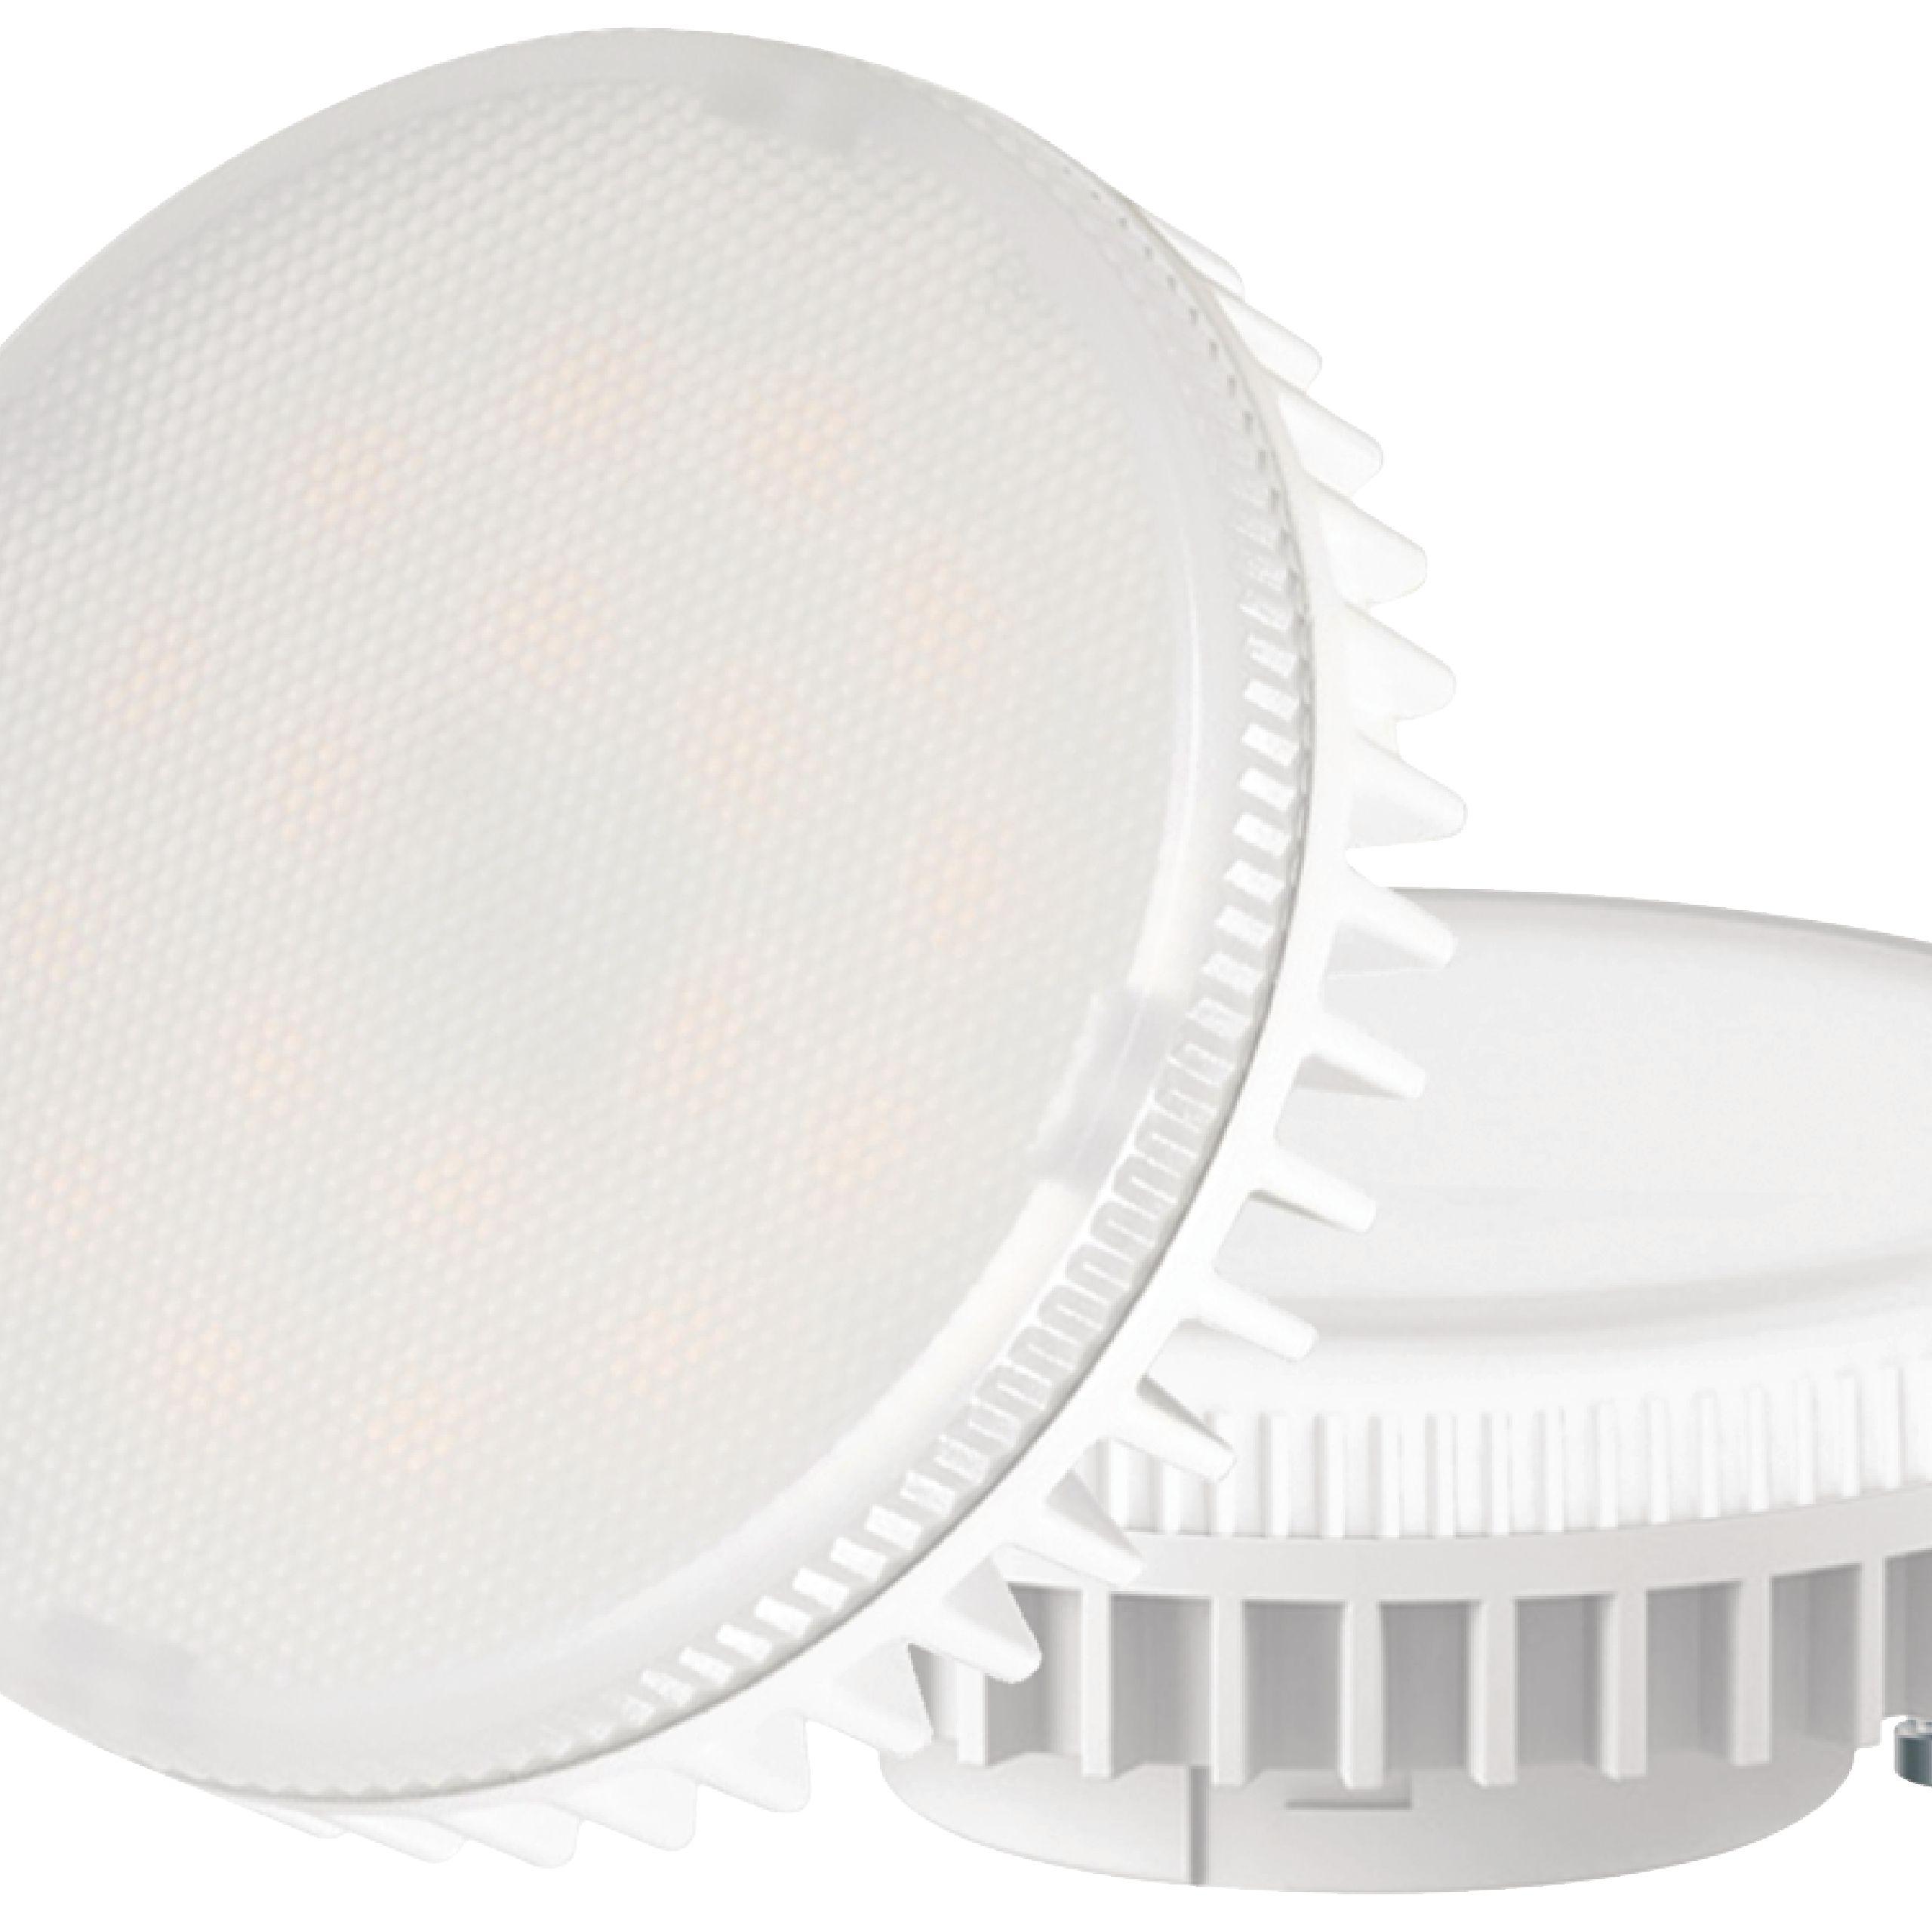 LED-Lampe GX53 Rund 5 W 400 lm 3000 K